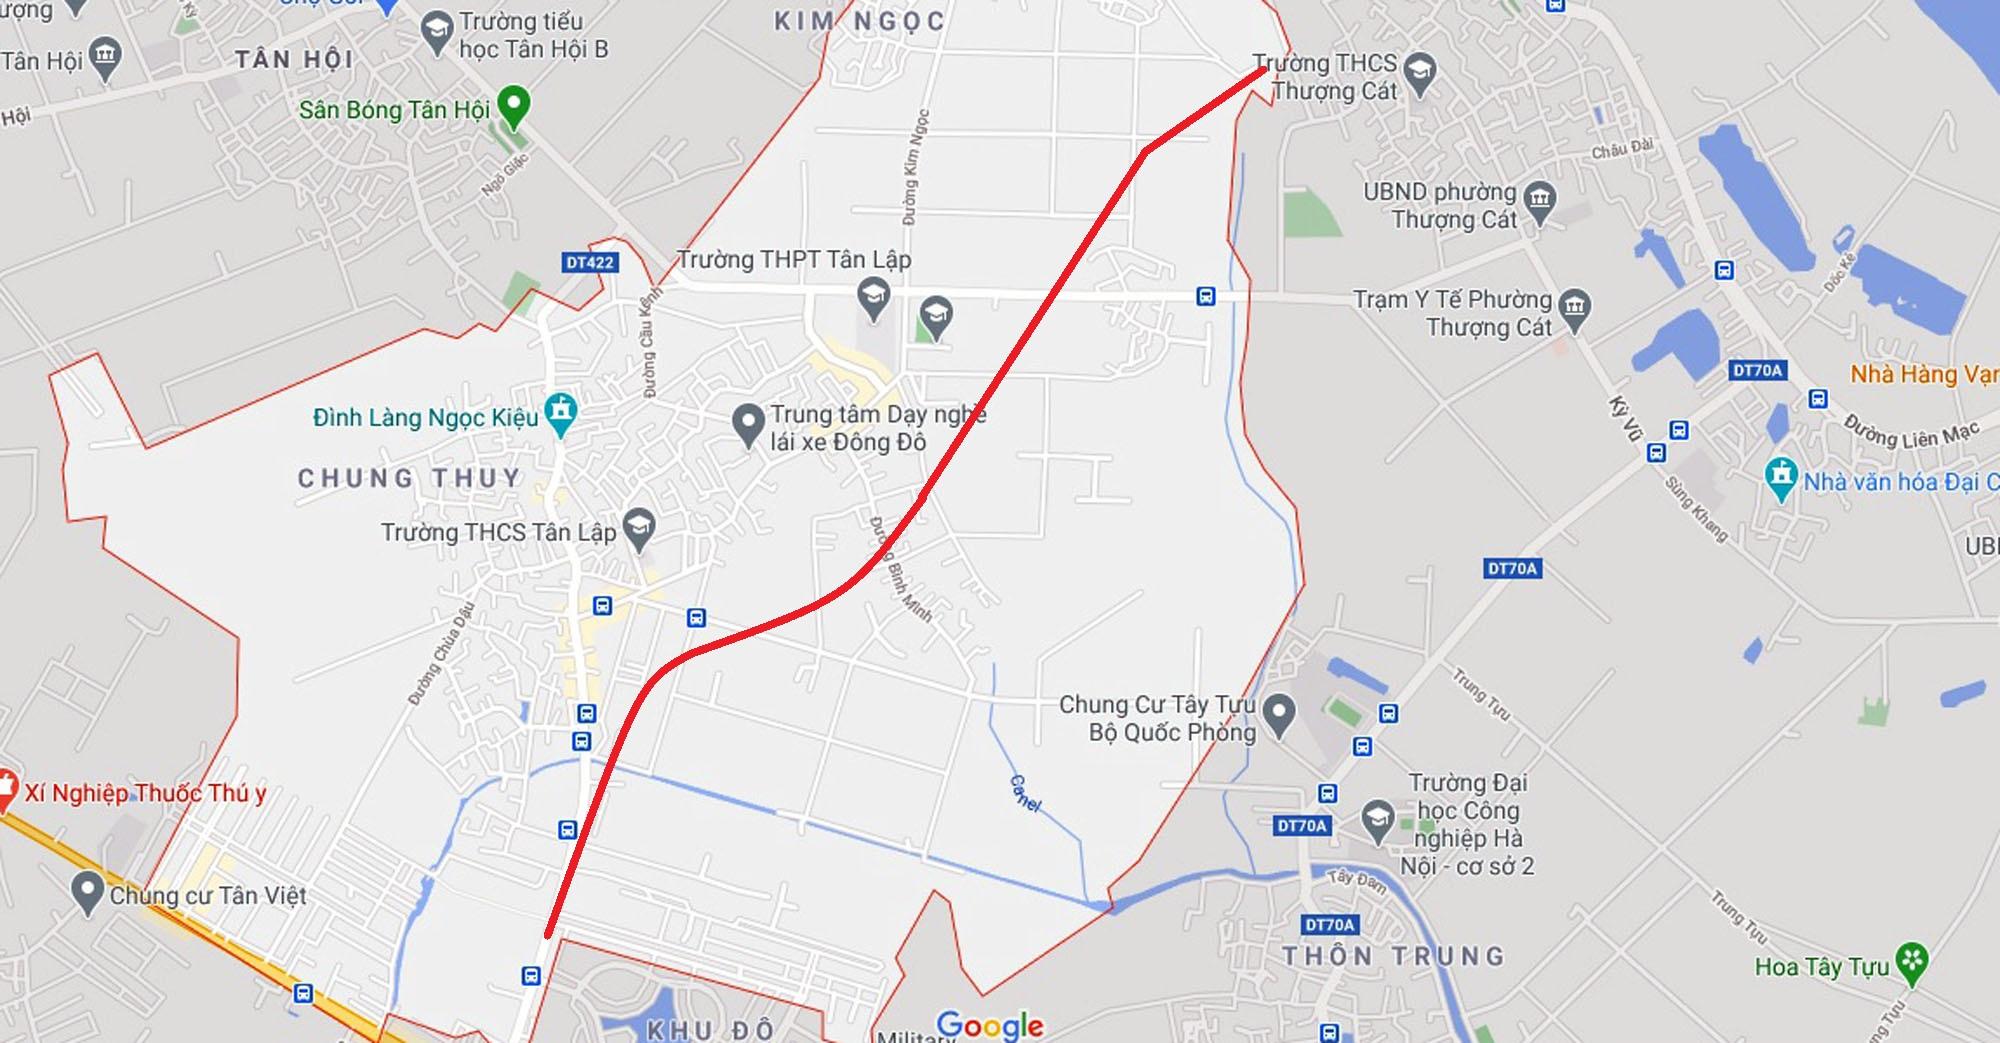 Ba đường sẽ mở theo qui hoạch ở xã Tân Lập, Đan Phượng, Hà Nội - Ảnh 2.